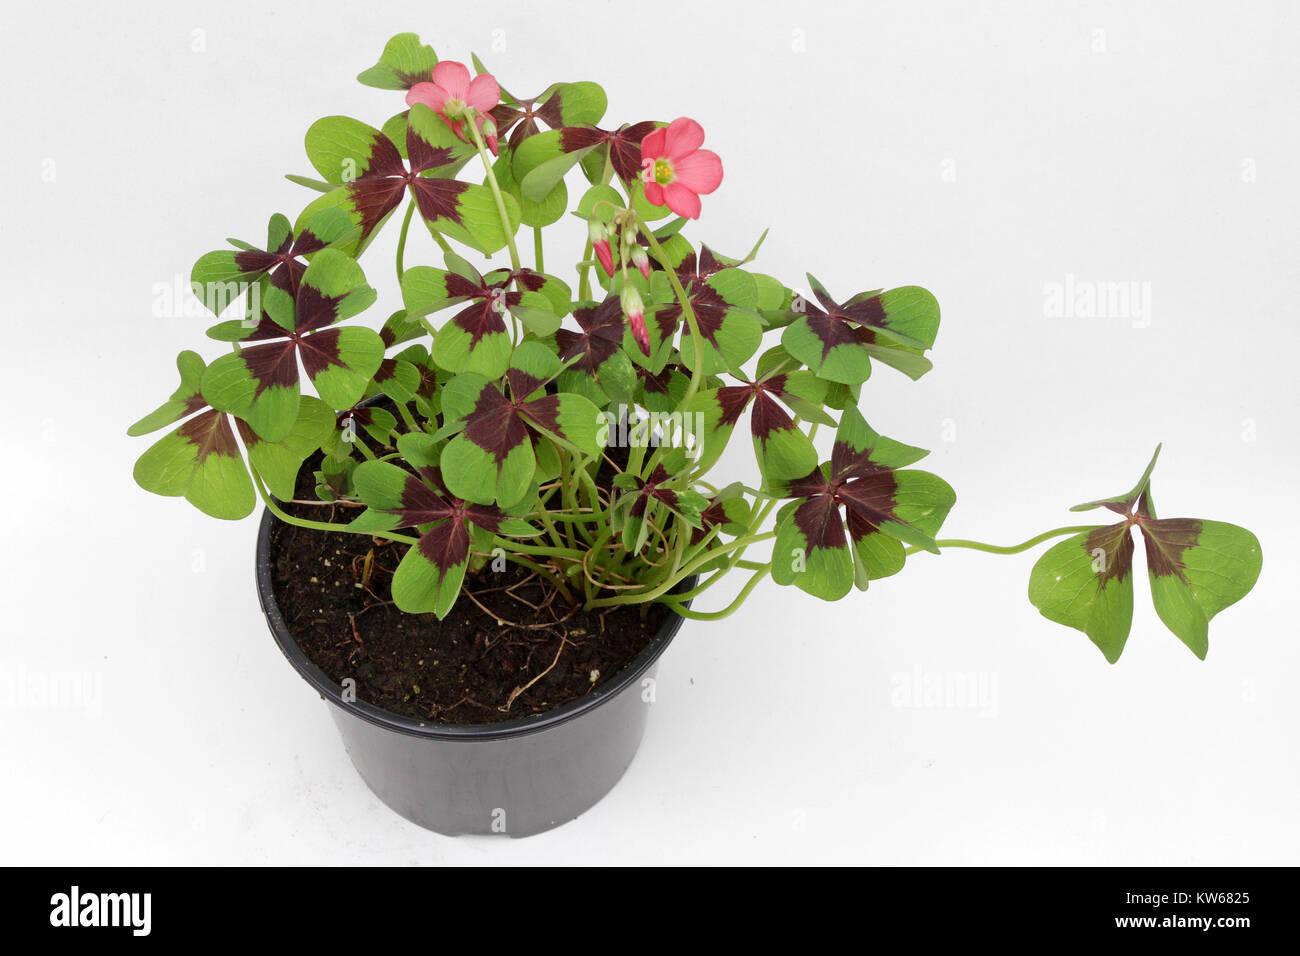 Four Leaf Clover Anlage auf weißem Hintergrund mit Kopie Raum isoliert. vier Blätter Klee Stockbild